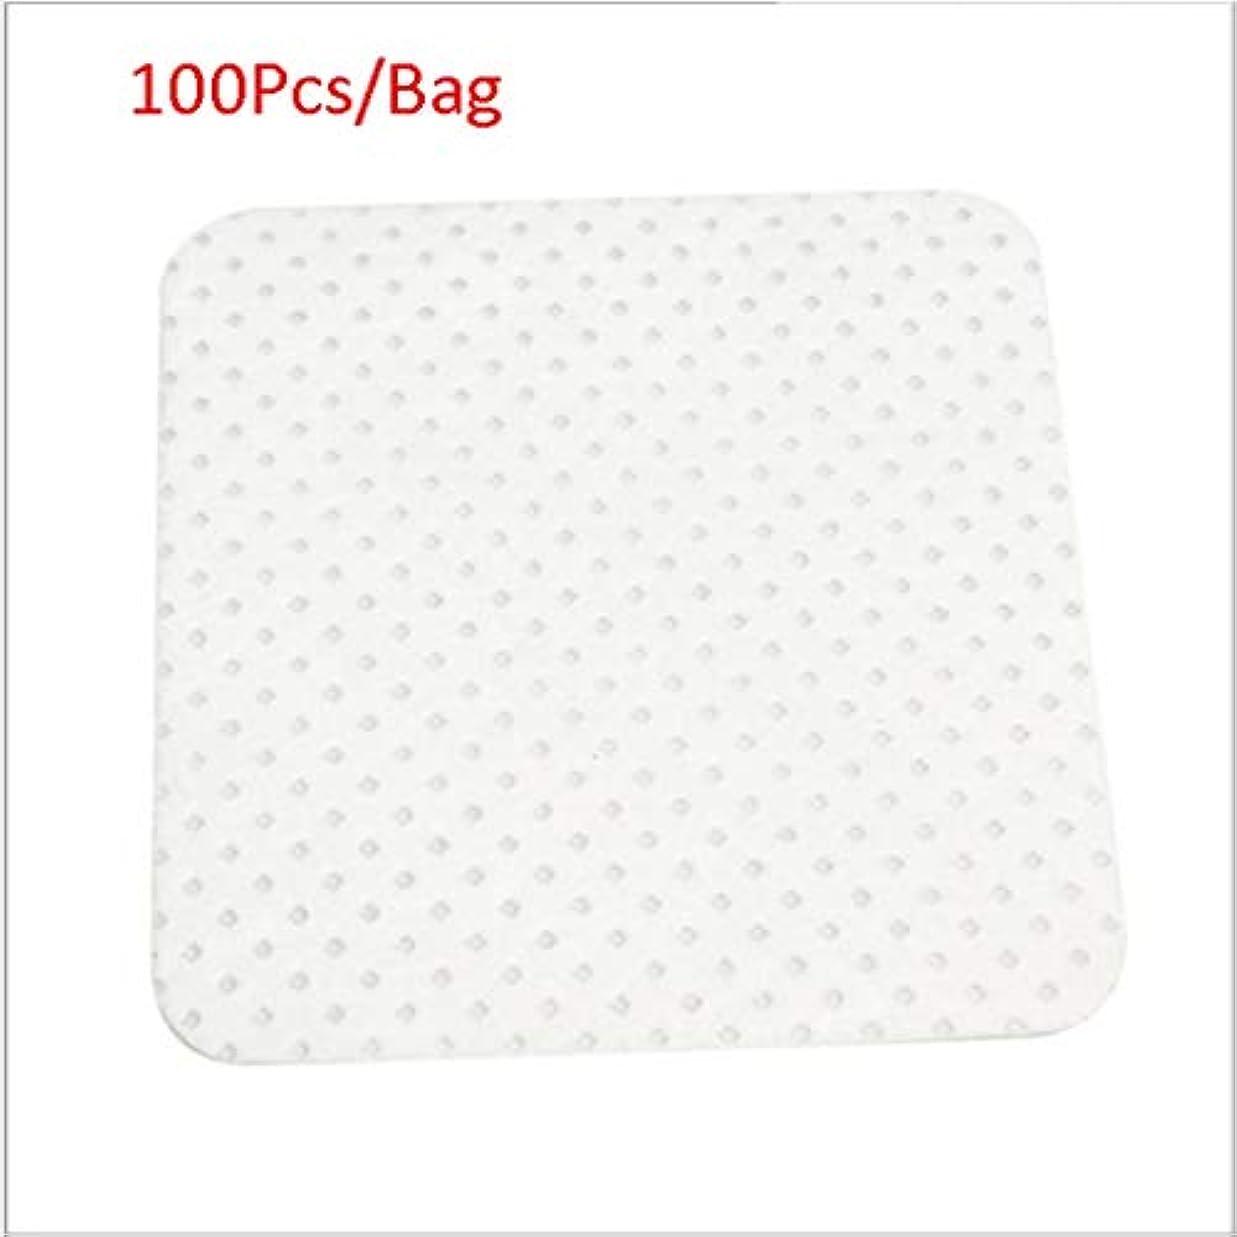 反射ストレスの多いヒロインクレンジングシート 100ピース/バッグ使い捨てまつげエクステンションのり取りコットンパッドボトル口拭きパッチメイク化粧品クリーニングツール (Color : White, サイズ : 5*5cm)